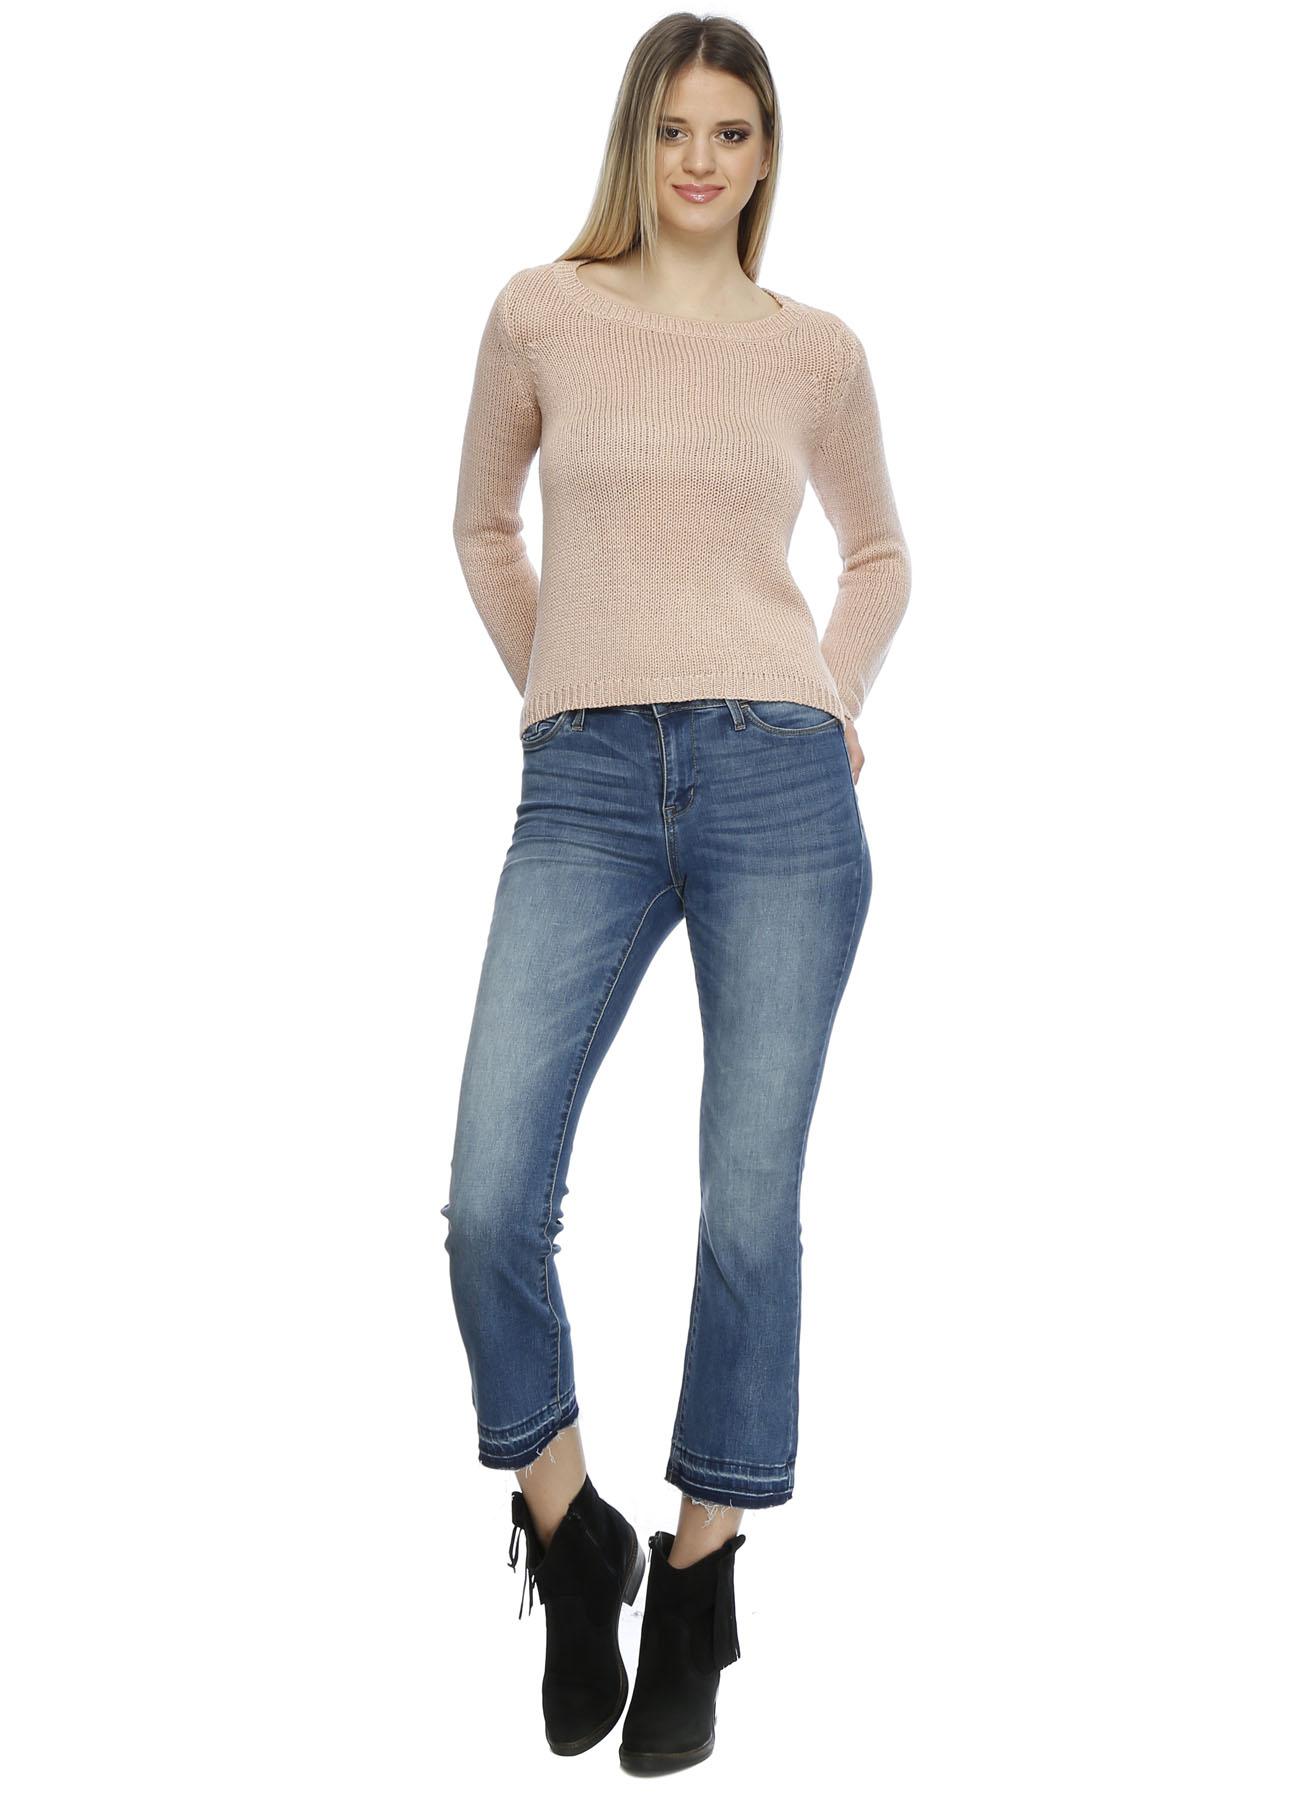 Vero Moda Paça Detaylı Denim Pantolon 28-30 5000199129005 Ürün Resmi